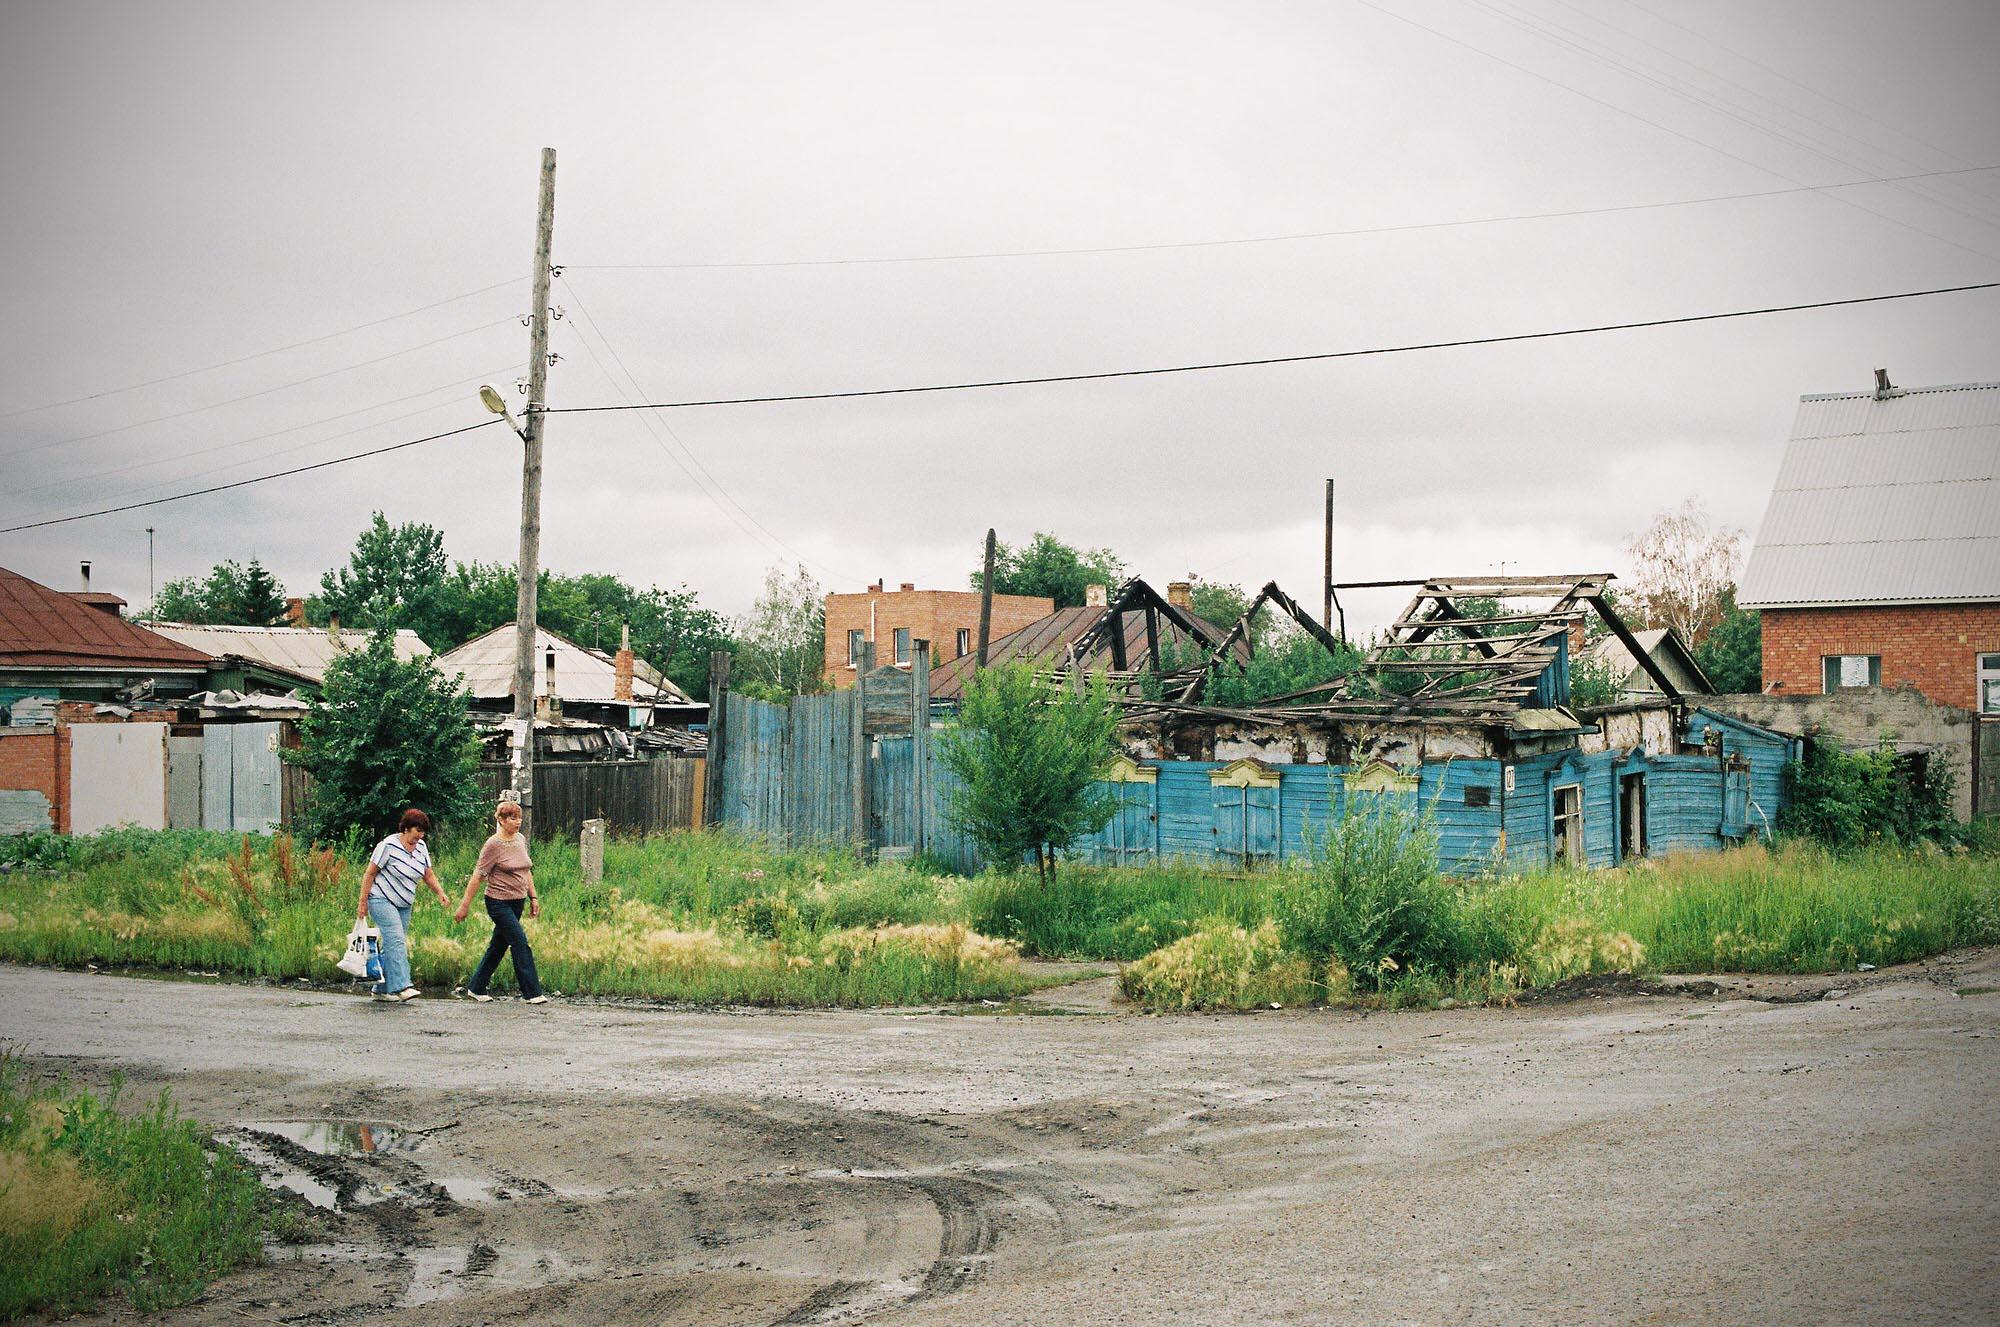 35mmPatrikWallner_Omsk_OutskirtsLOWQ